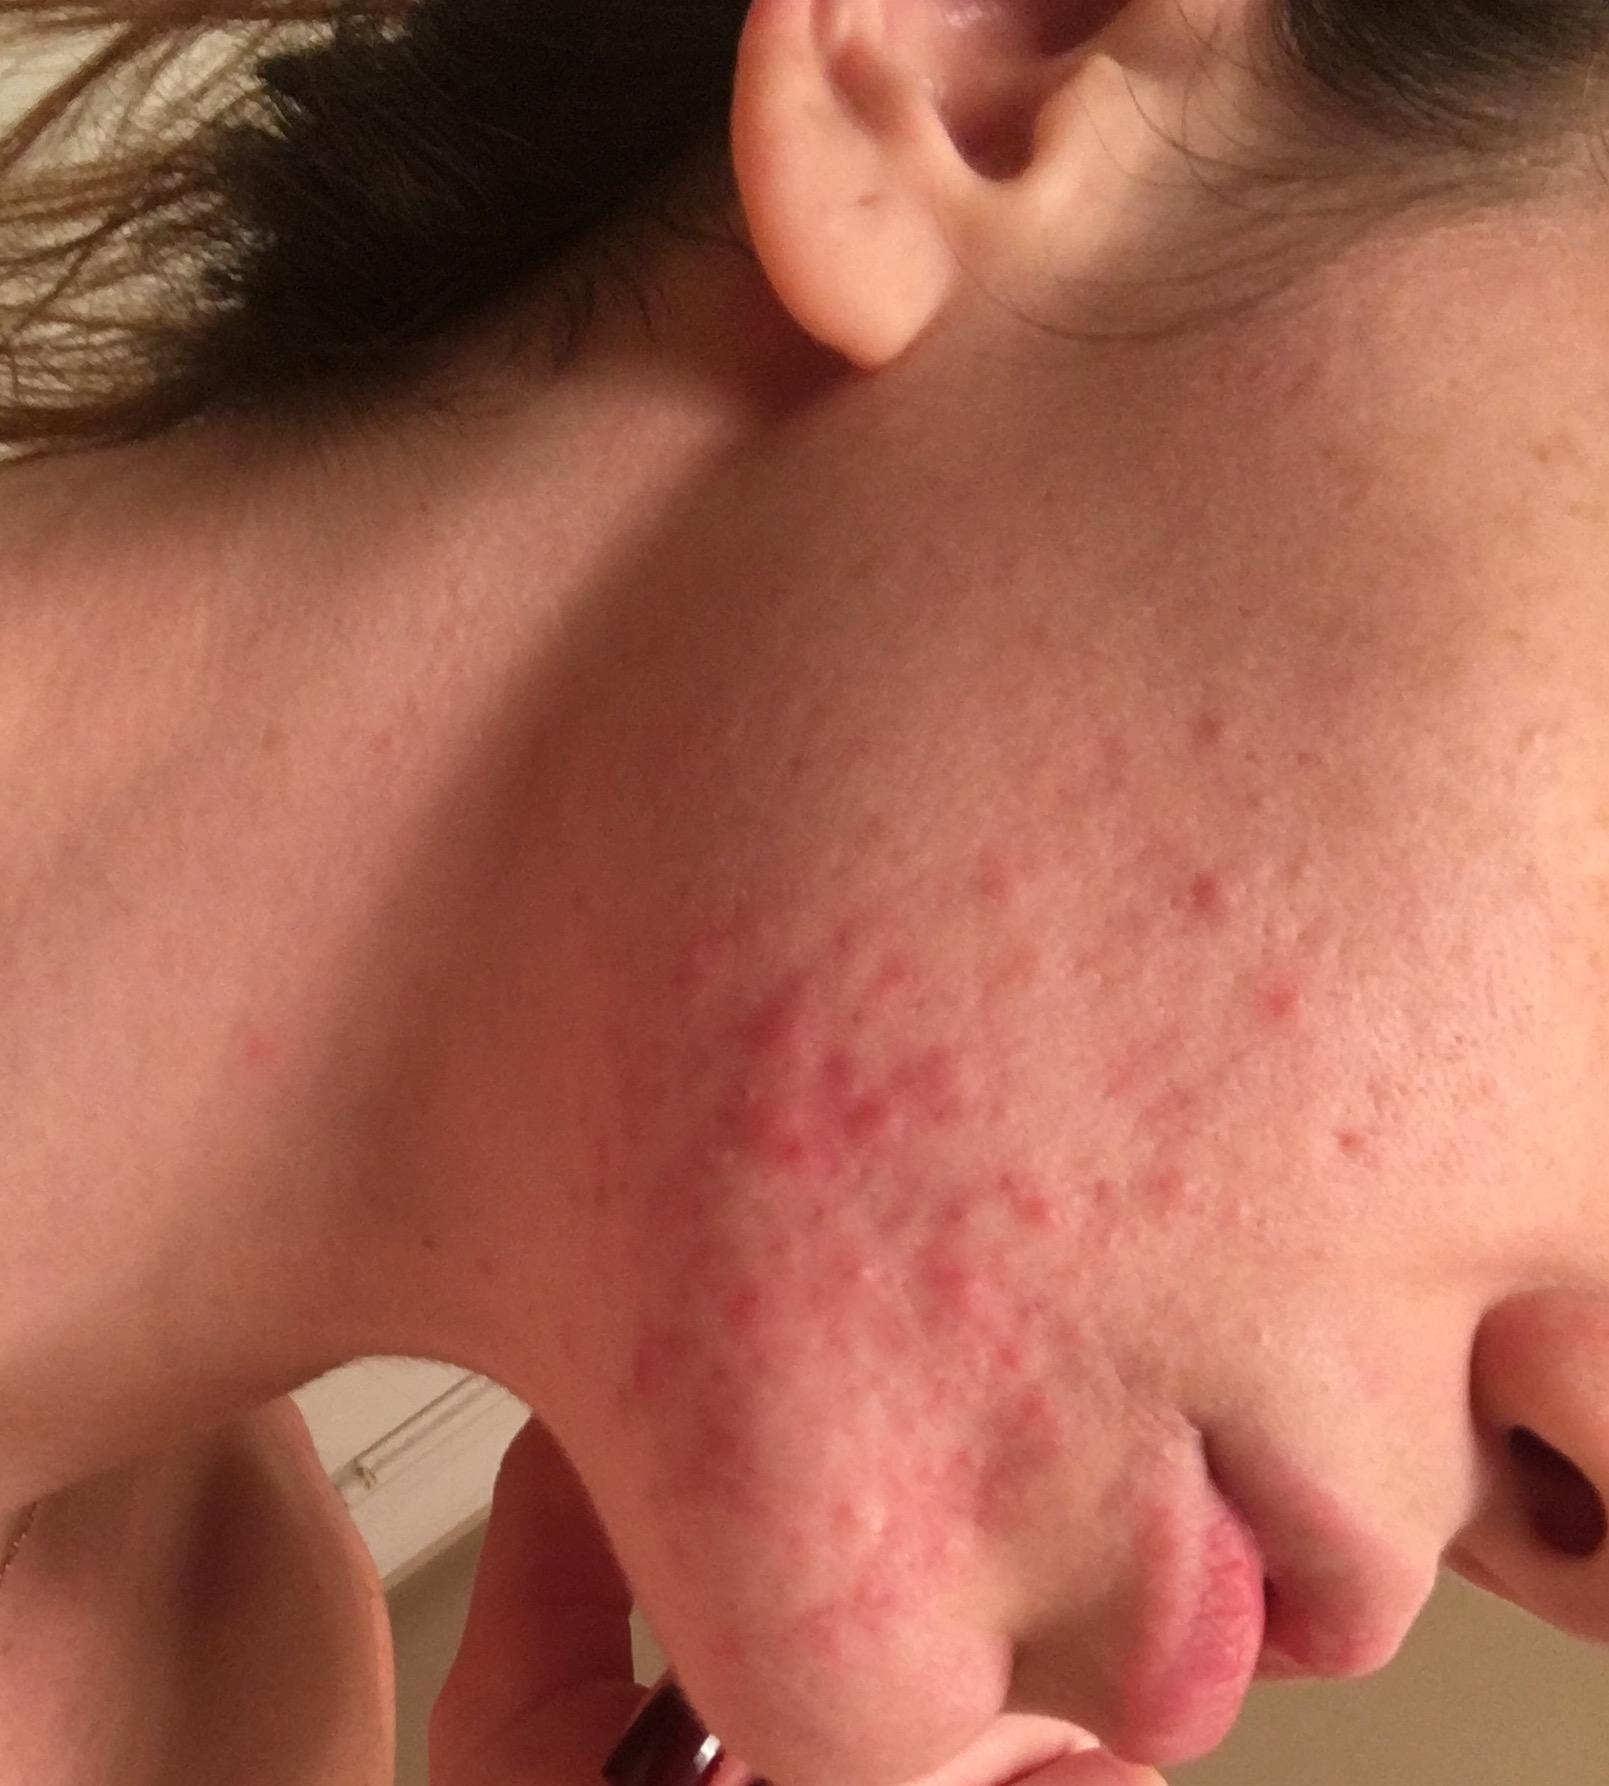 Senior citizen facial breakout pimples